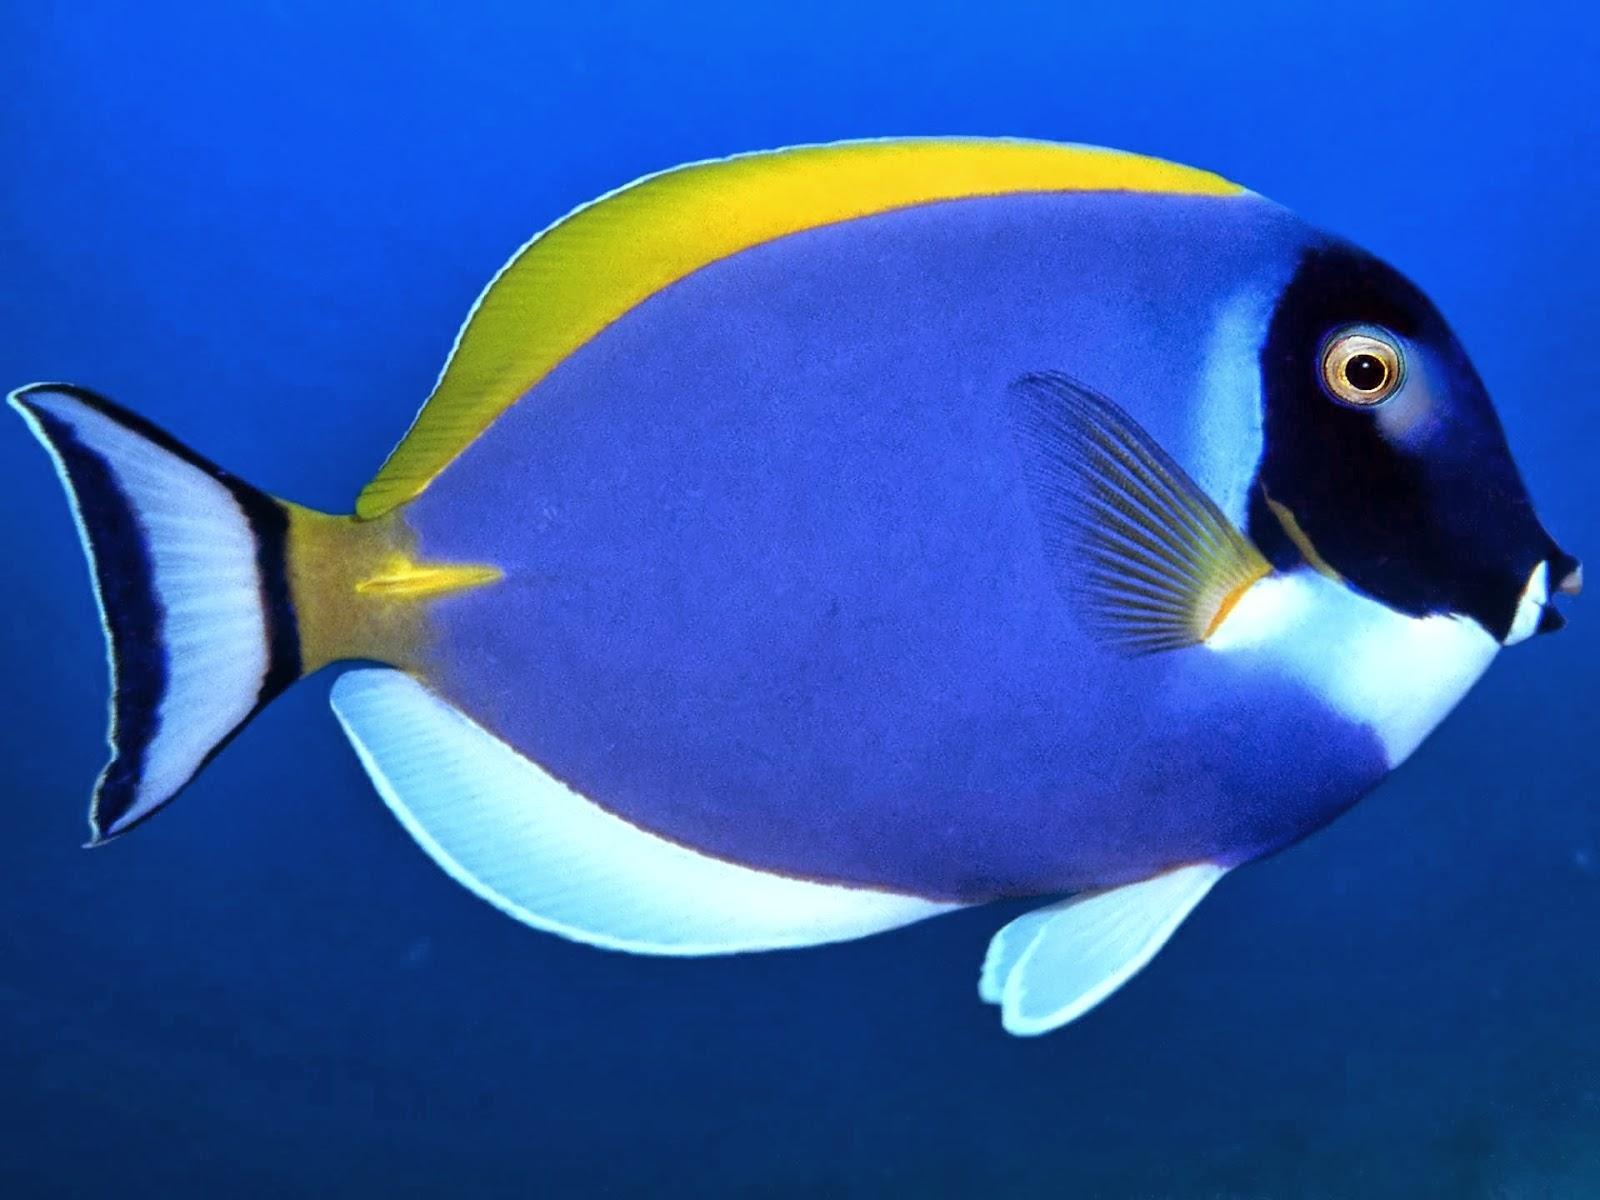 new Fish Full HD Wallpaper